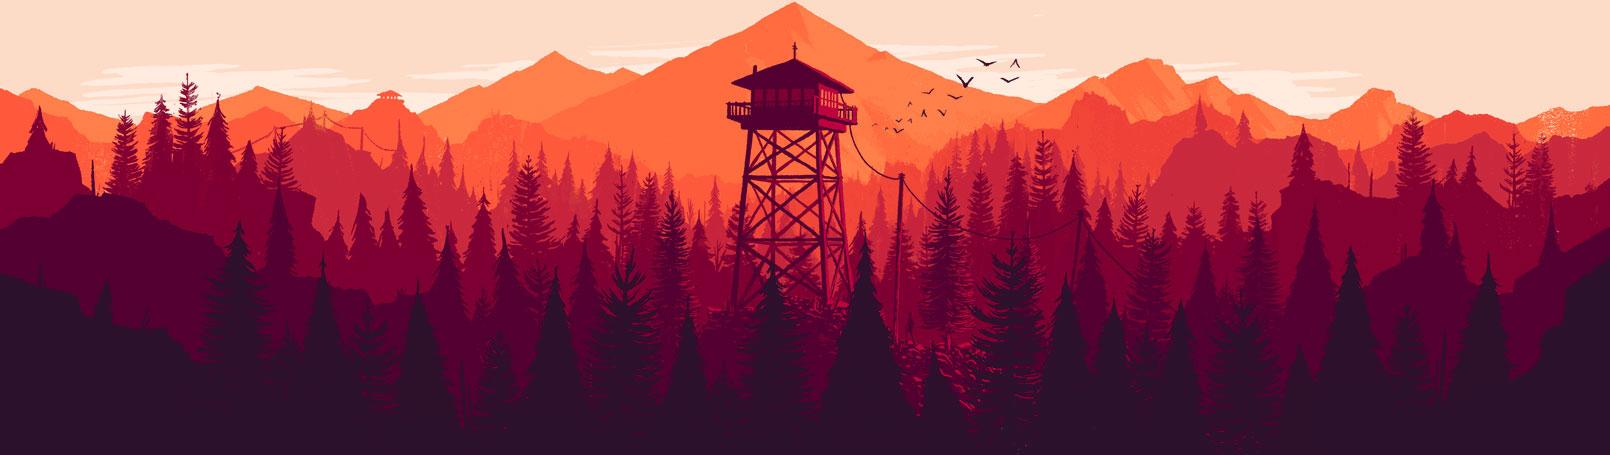 Firewatch: misterio forestal para 2015